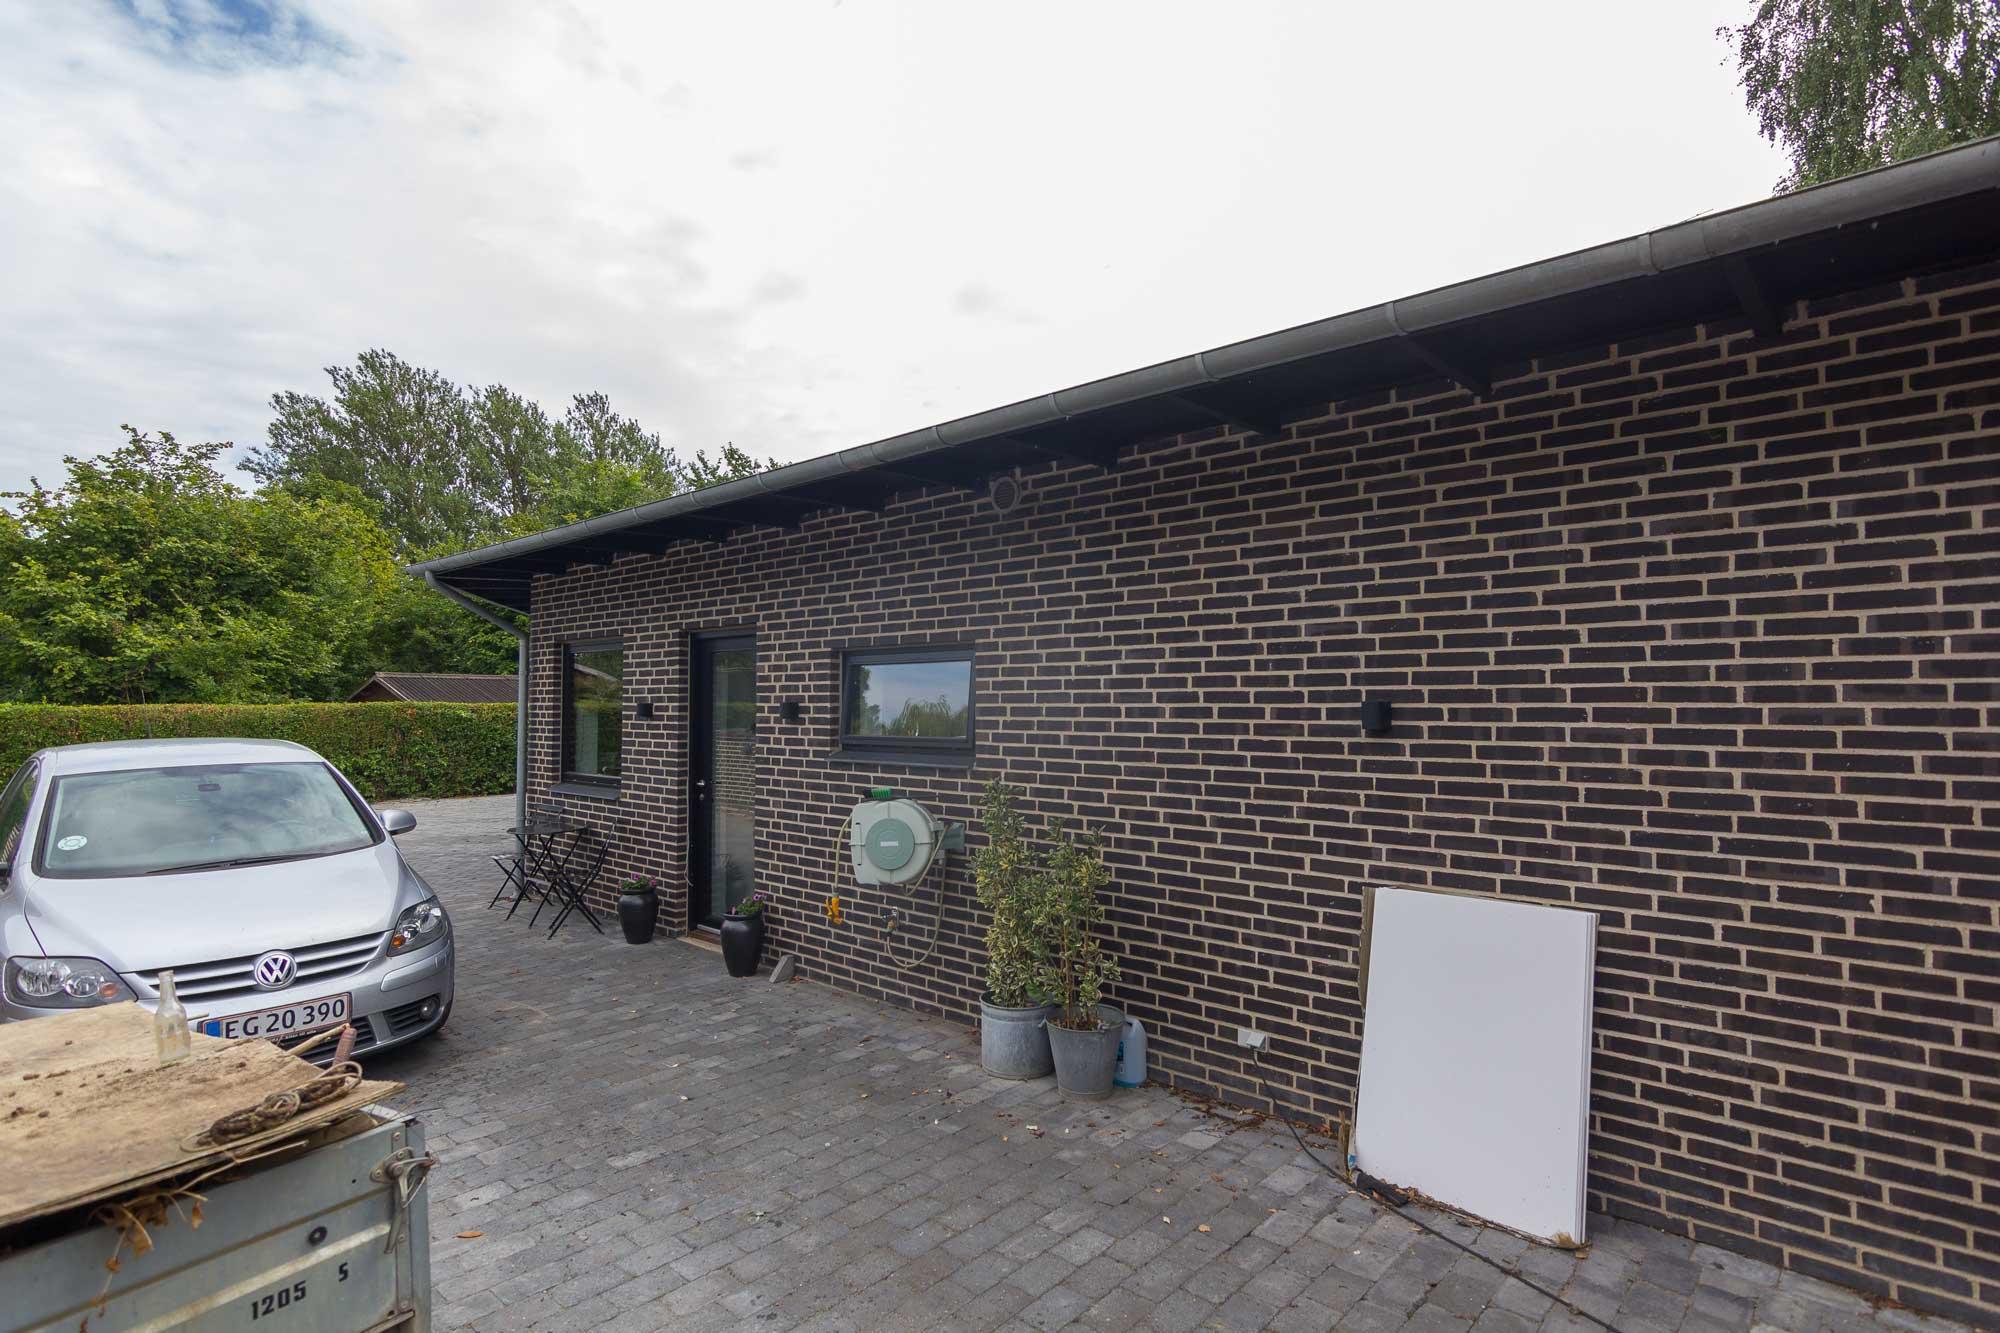 Odensevej_174B_Middelfart-3